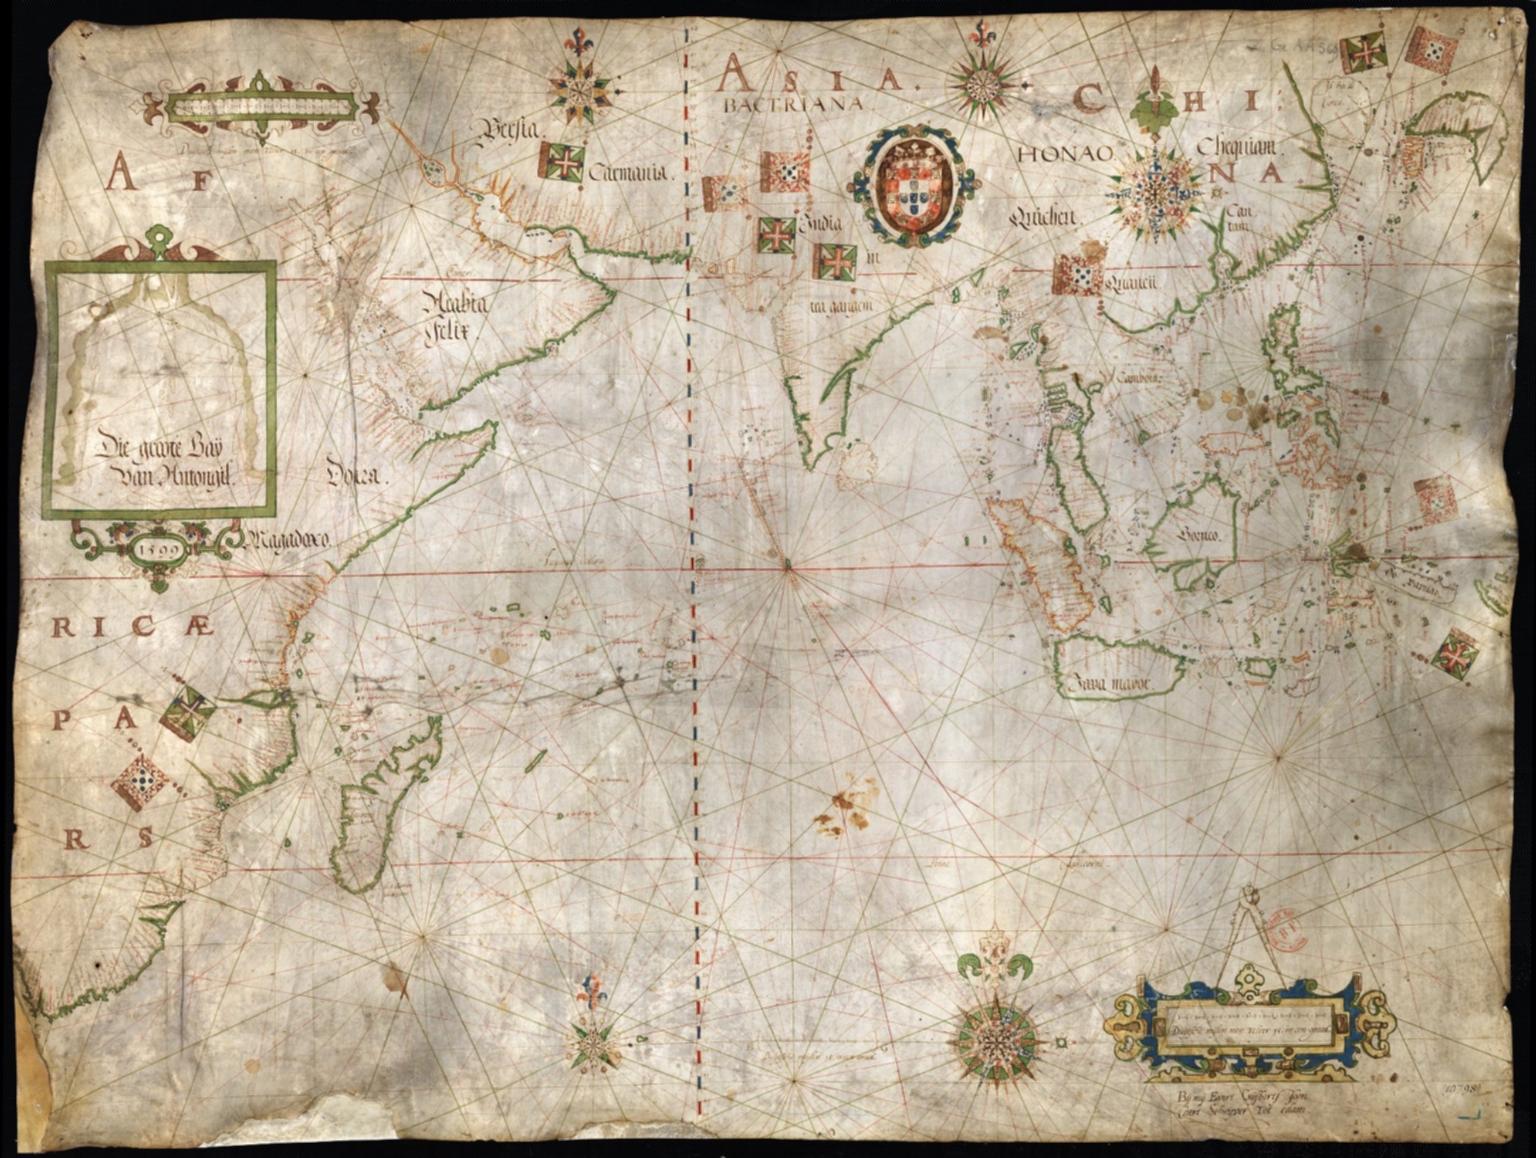 Carte nautique de l'Océan Indien et des mers de Chine